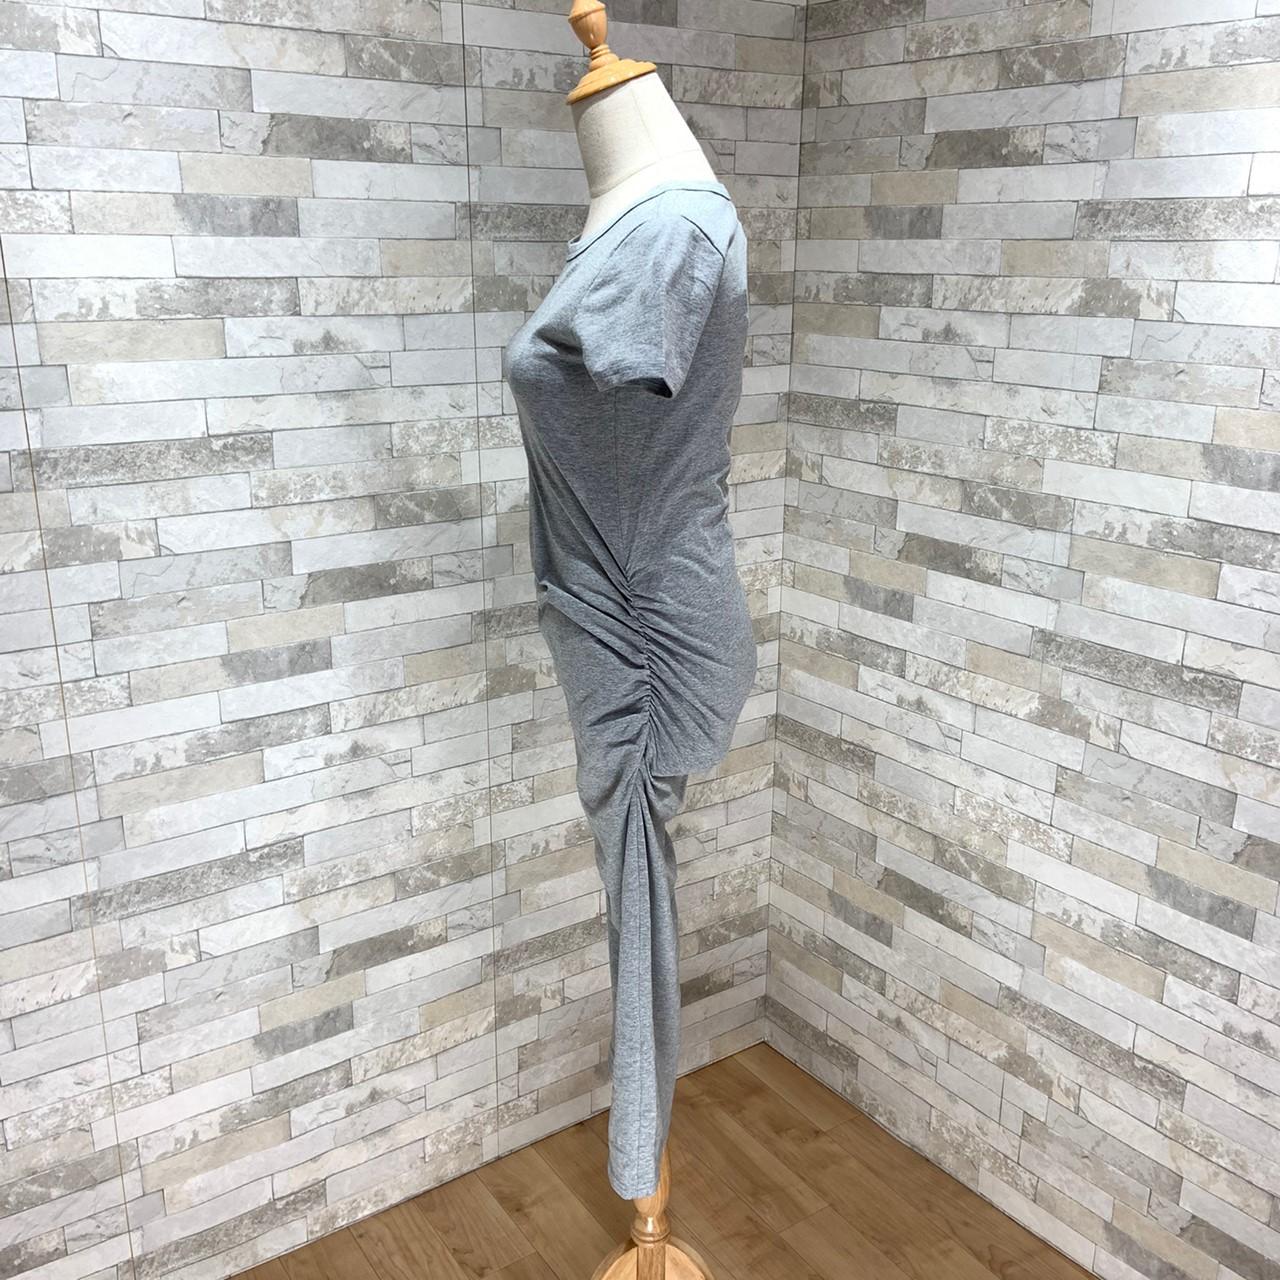 【即納】韓国 ファッション ワンピース 春 夏 カジュアル SPTXA748  リゾートワンピース ハワイ Tシャツ Tワンピ カットソー スポーティー ストリー オルチャン シンプル 定番 セレカジの写真12枚目